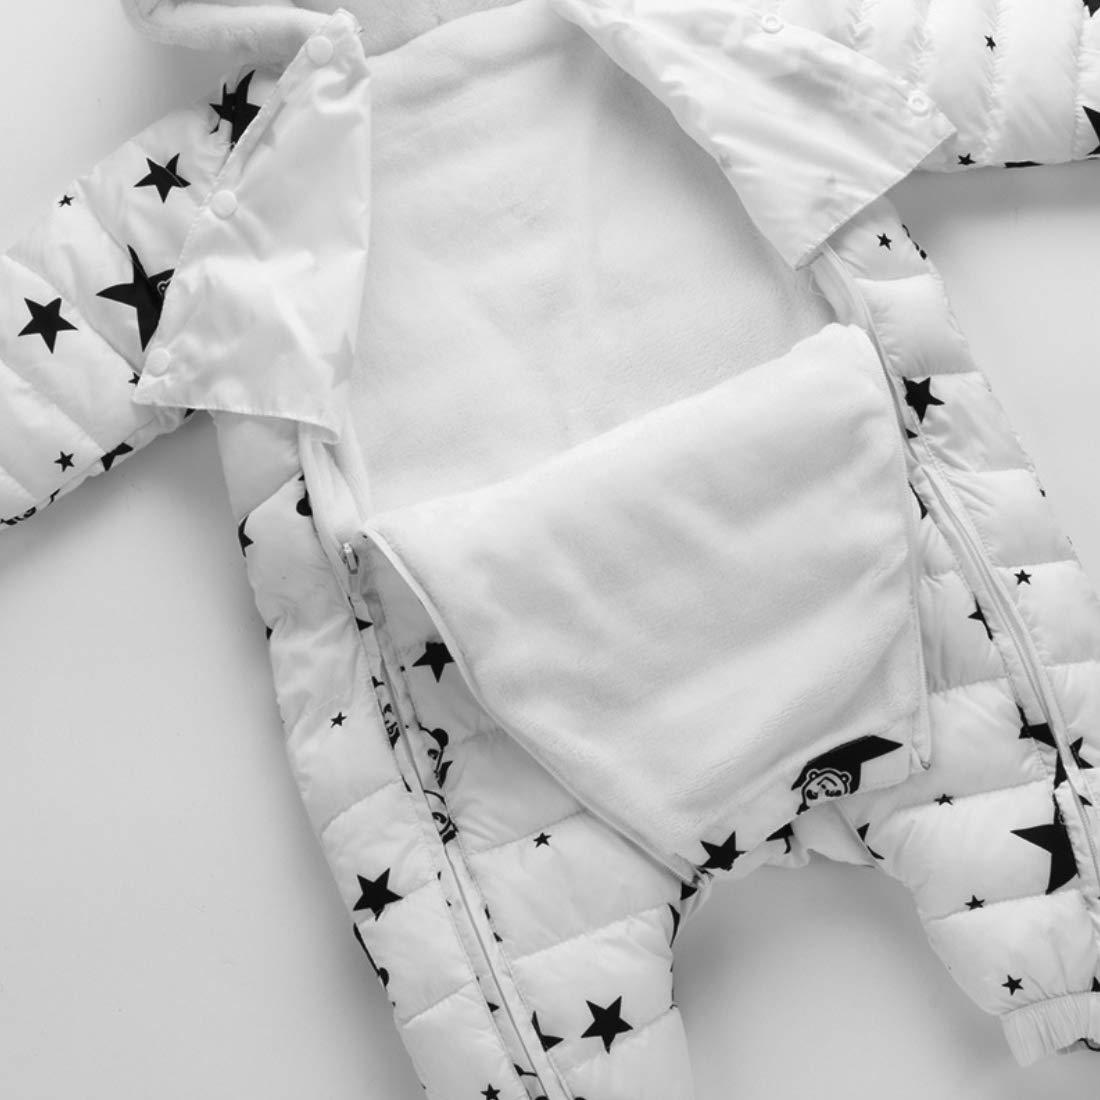 df1ae4c79 MissChild Unisex Baby Snowsuit